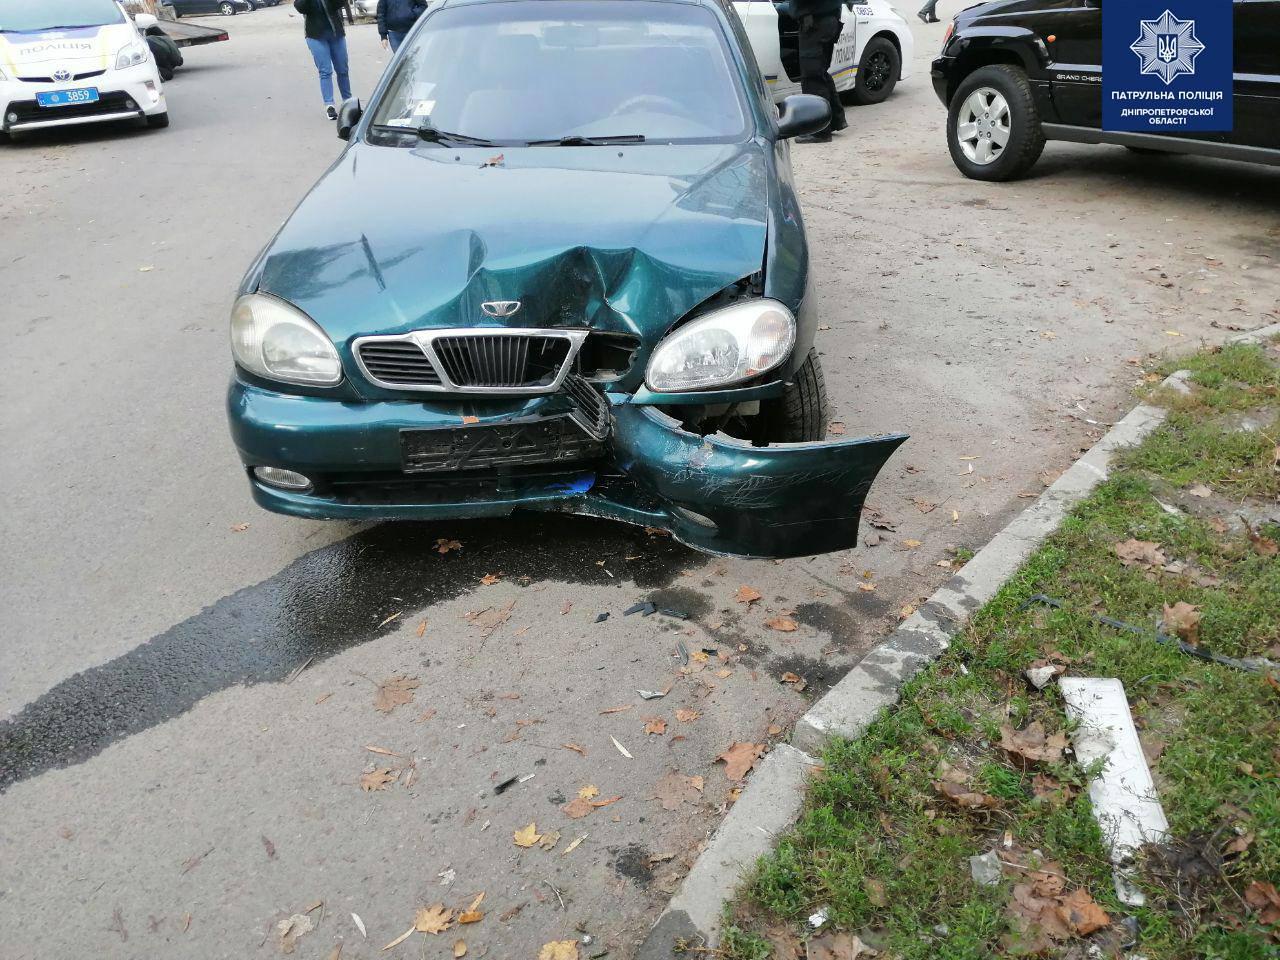 ДТП: после столкновения водитель пытался сбежать. Новости Днепра